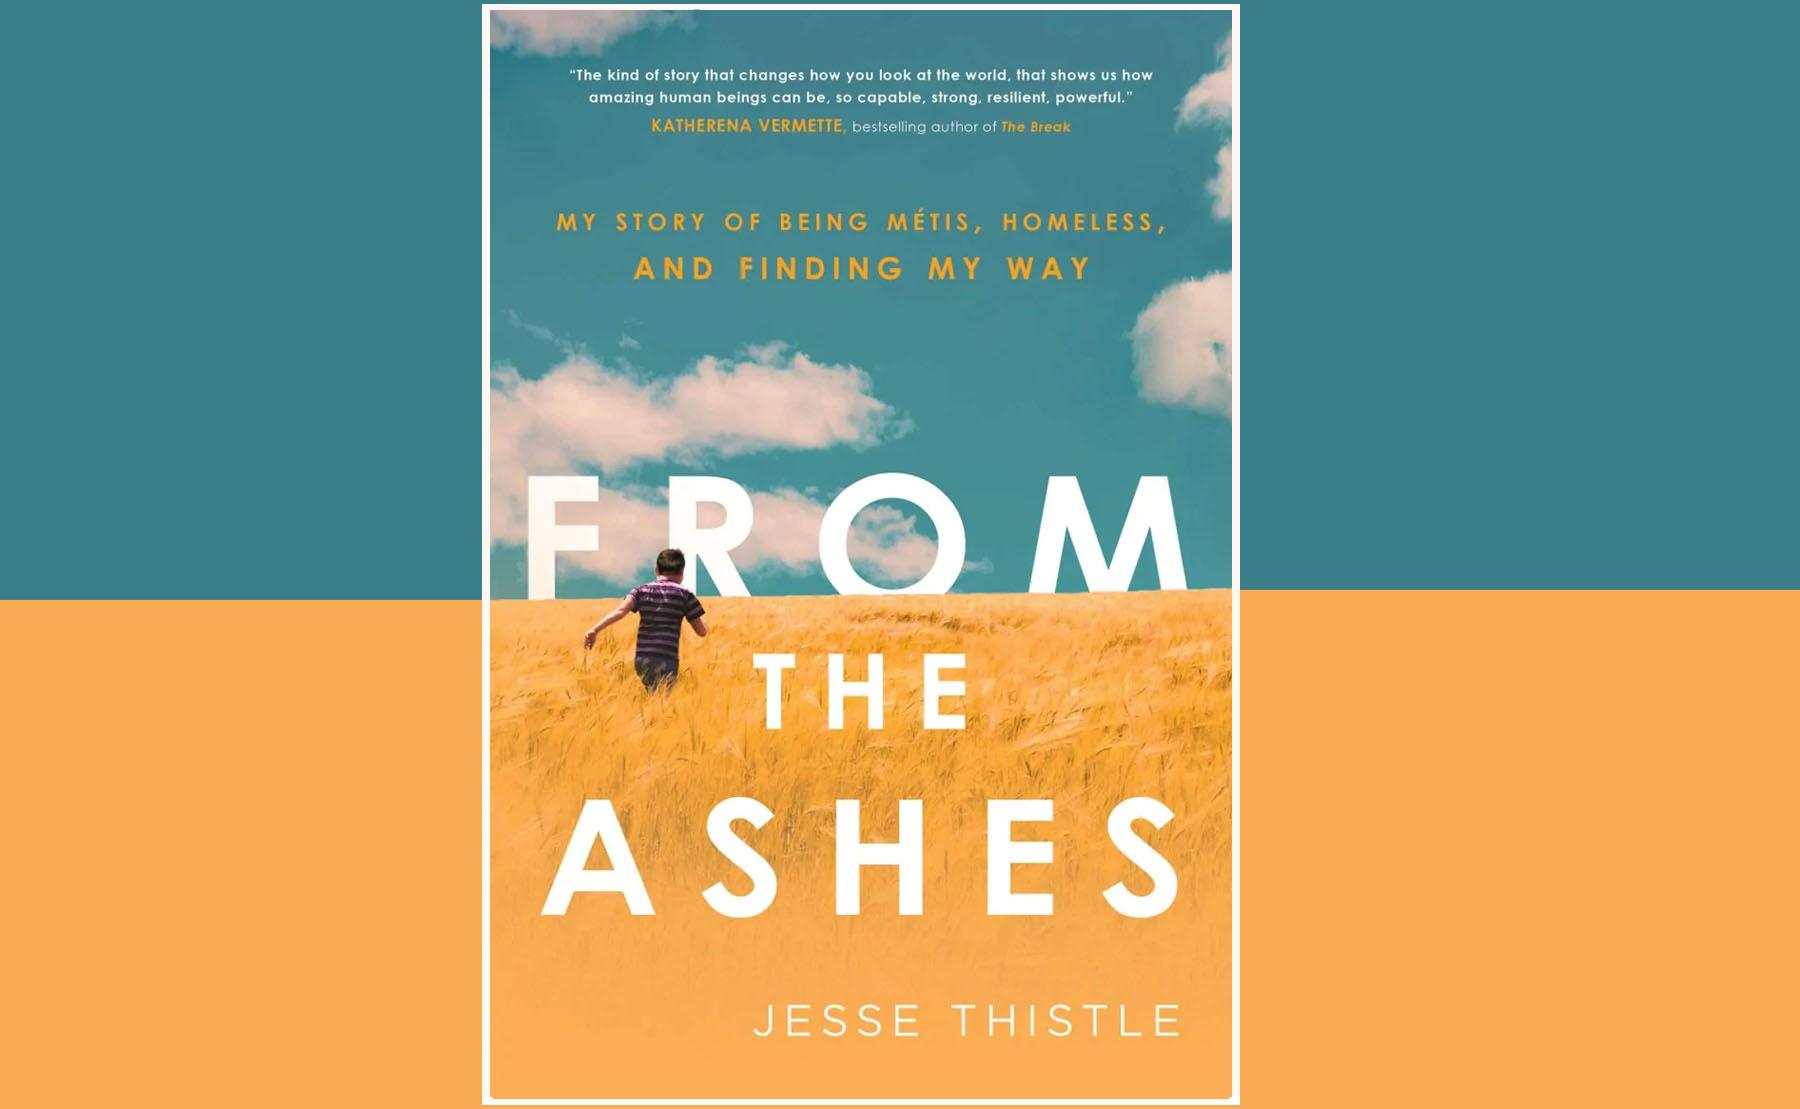 تصویر از معرفی کتاب :چگونه « جسی تیستل » از اعتیاد و زندان نجات پیدا کرد و به دانشگاه راه یافت